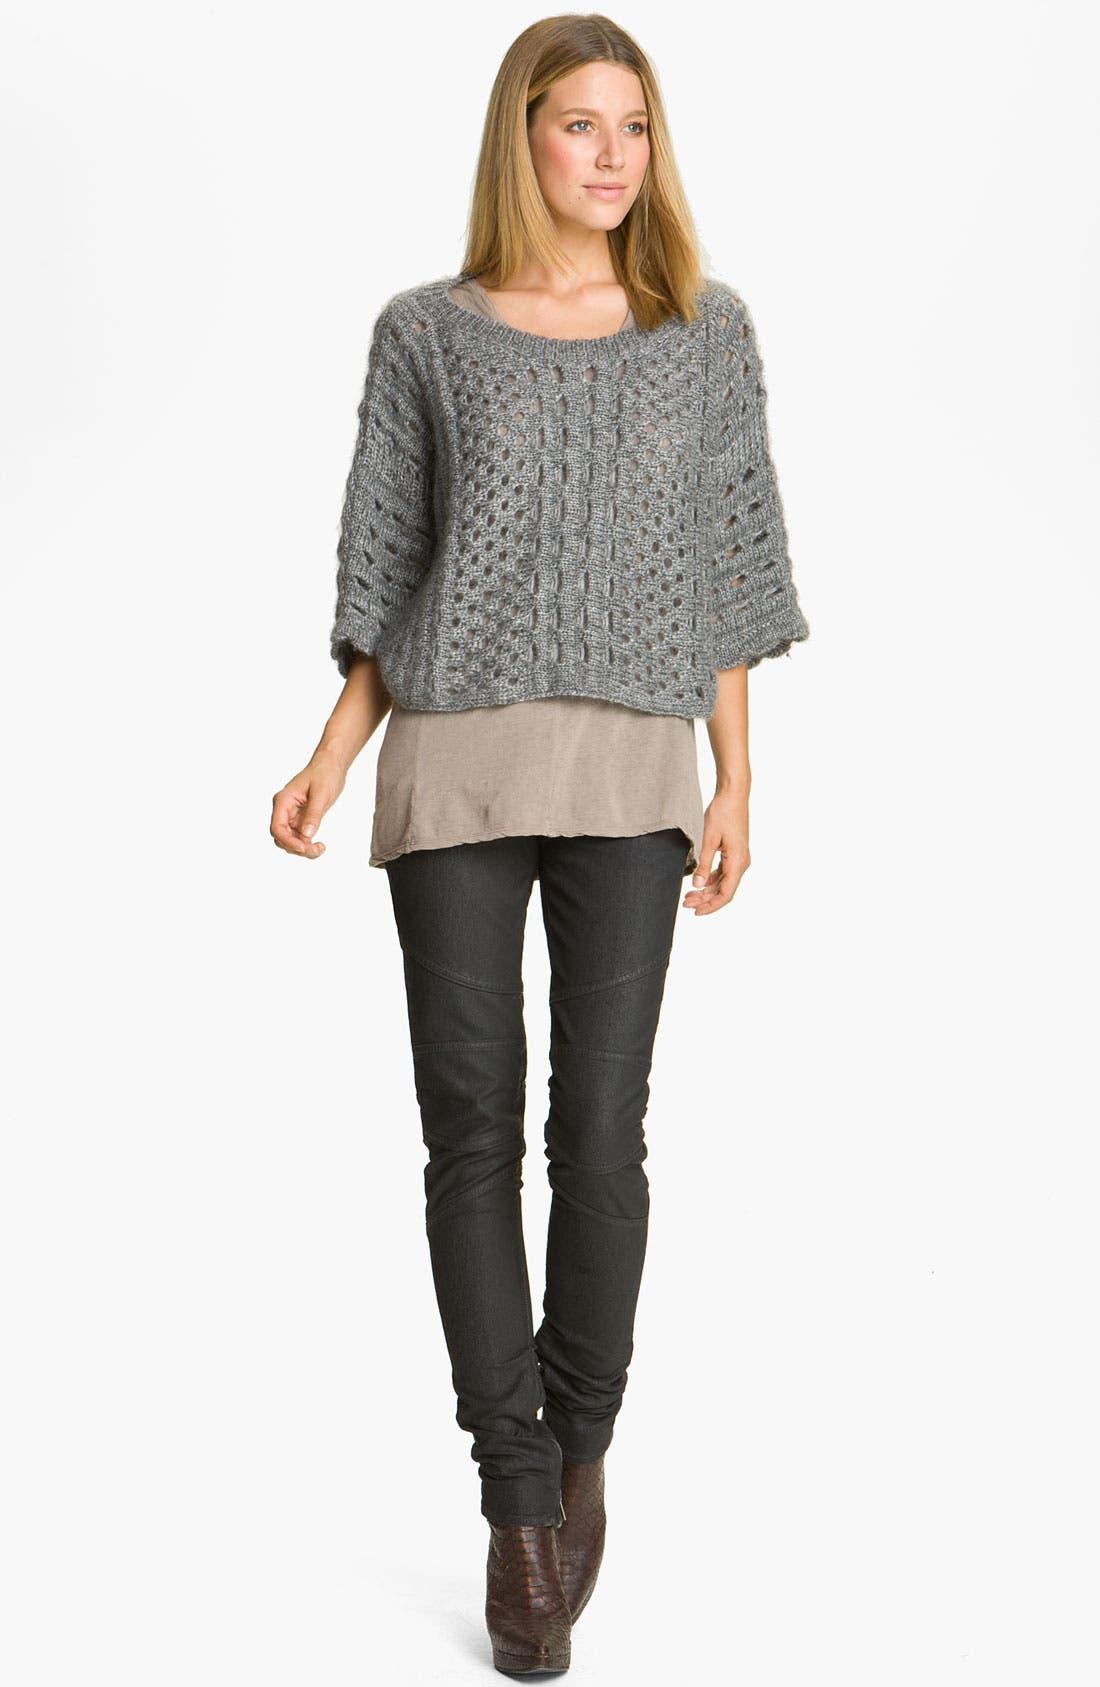 Main Image - Skaist-Taylor Open Crochet Pullover